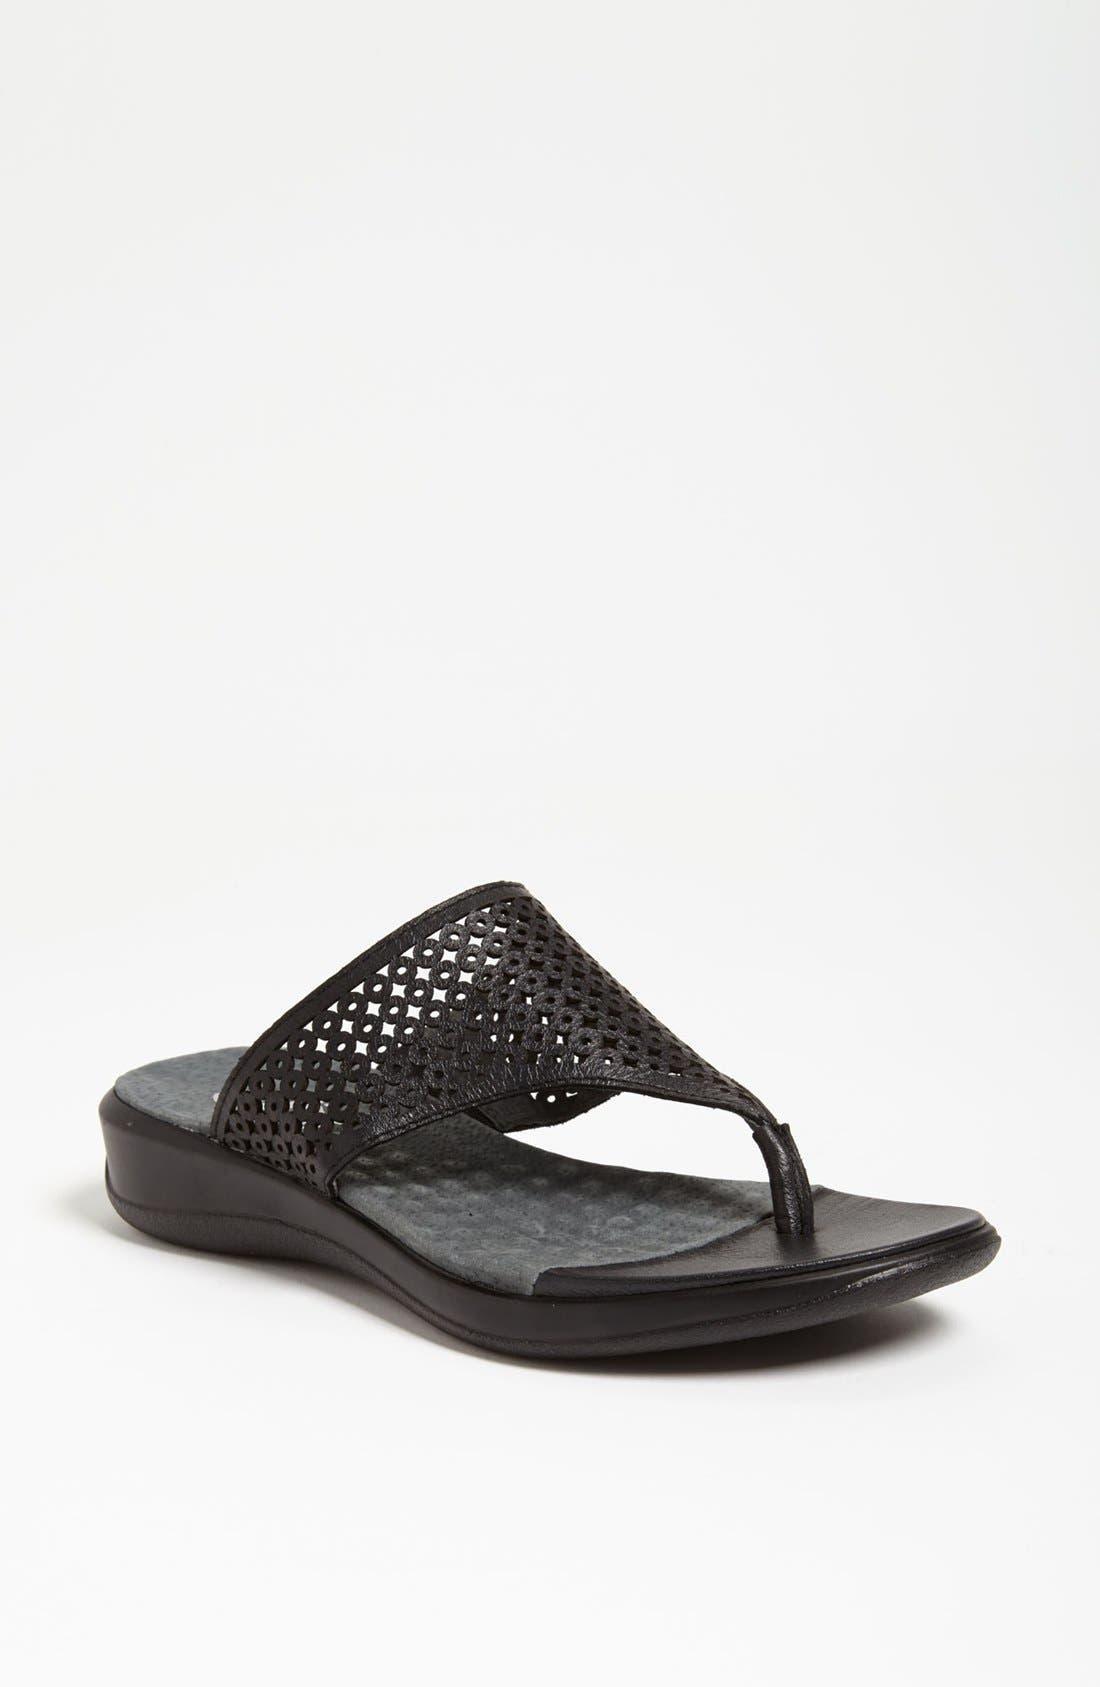 Main Image - SoftWalk® 'Tallahassee' Sandal